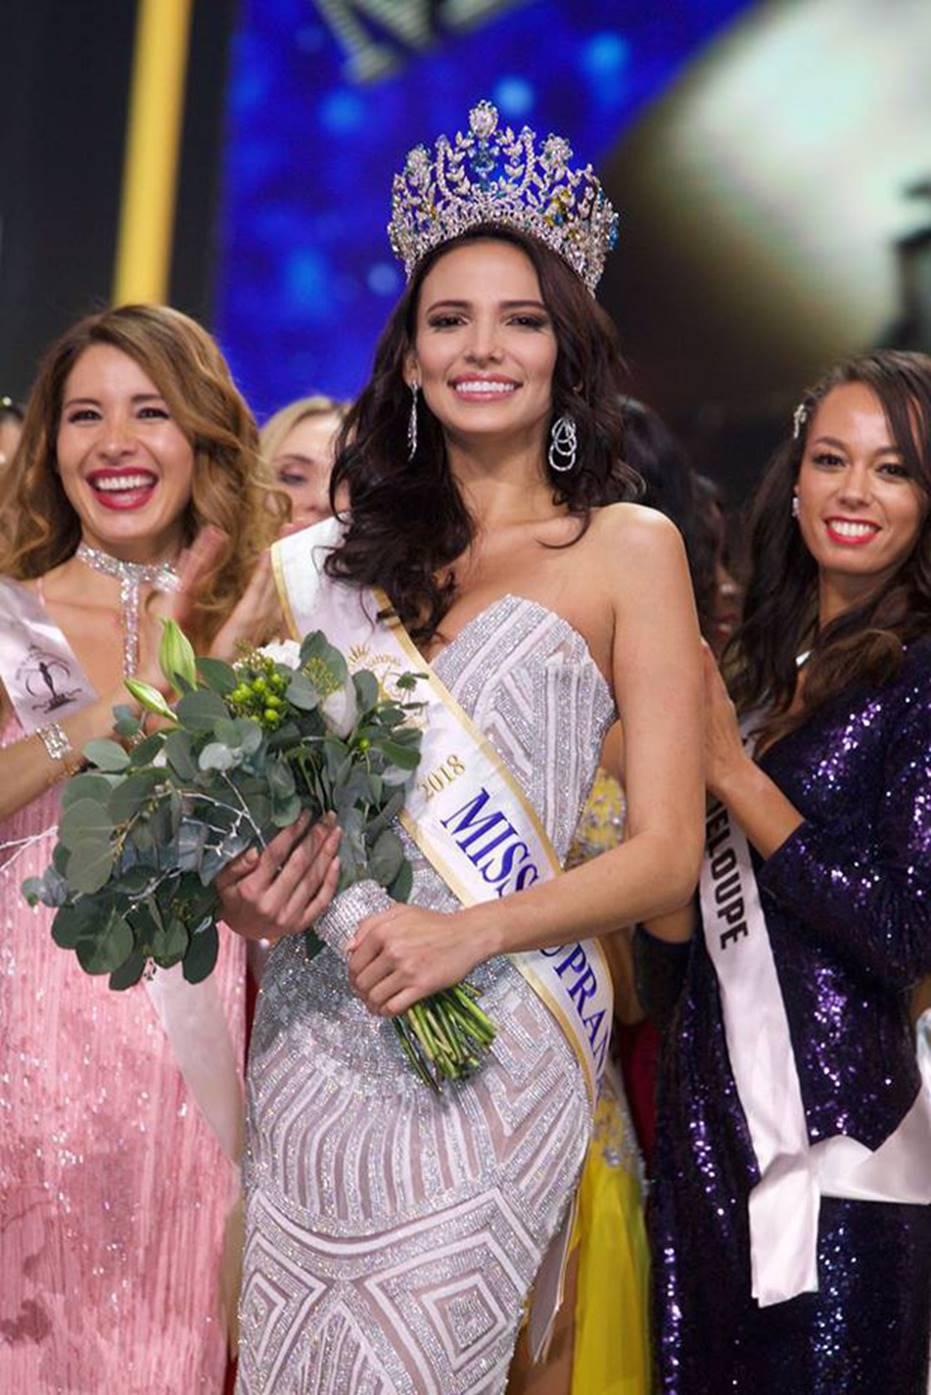 Top những hoa hậu học giỏi bậc nhất thế giới, Việt Nam cũng góp mặt 2 đại diện siêu đỉnh: Người thi ĐH 29.5 điểm, người là du học sinh-11